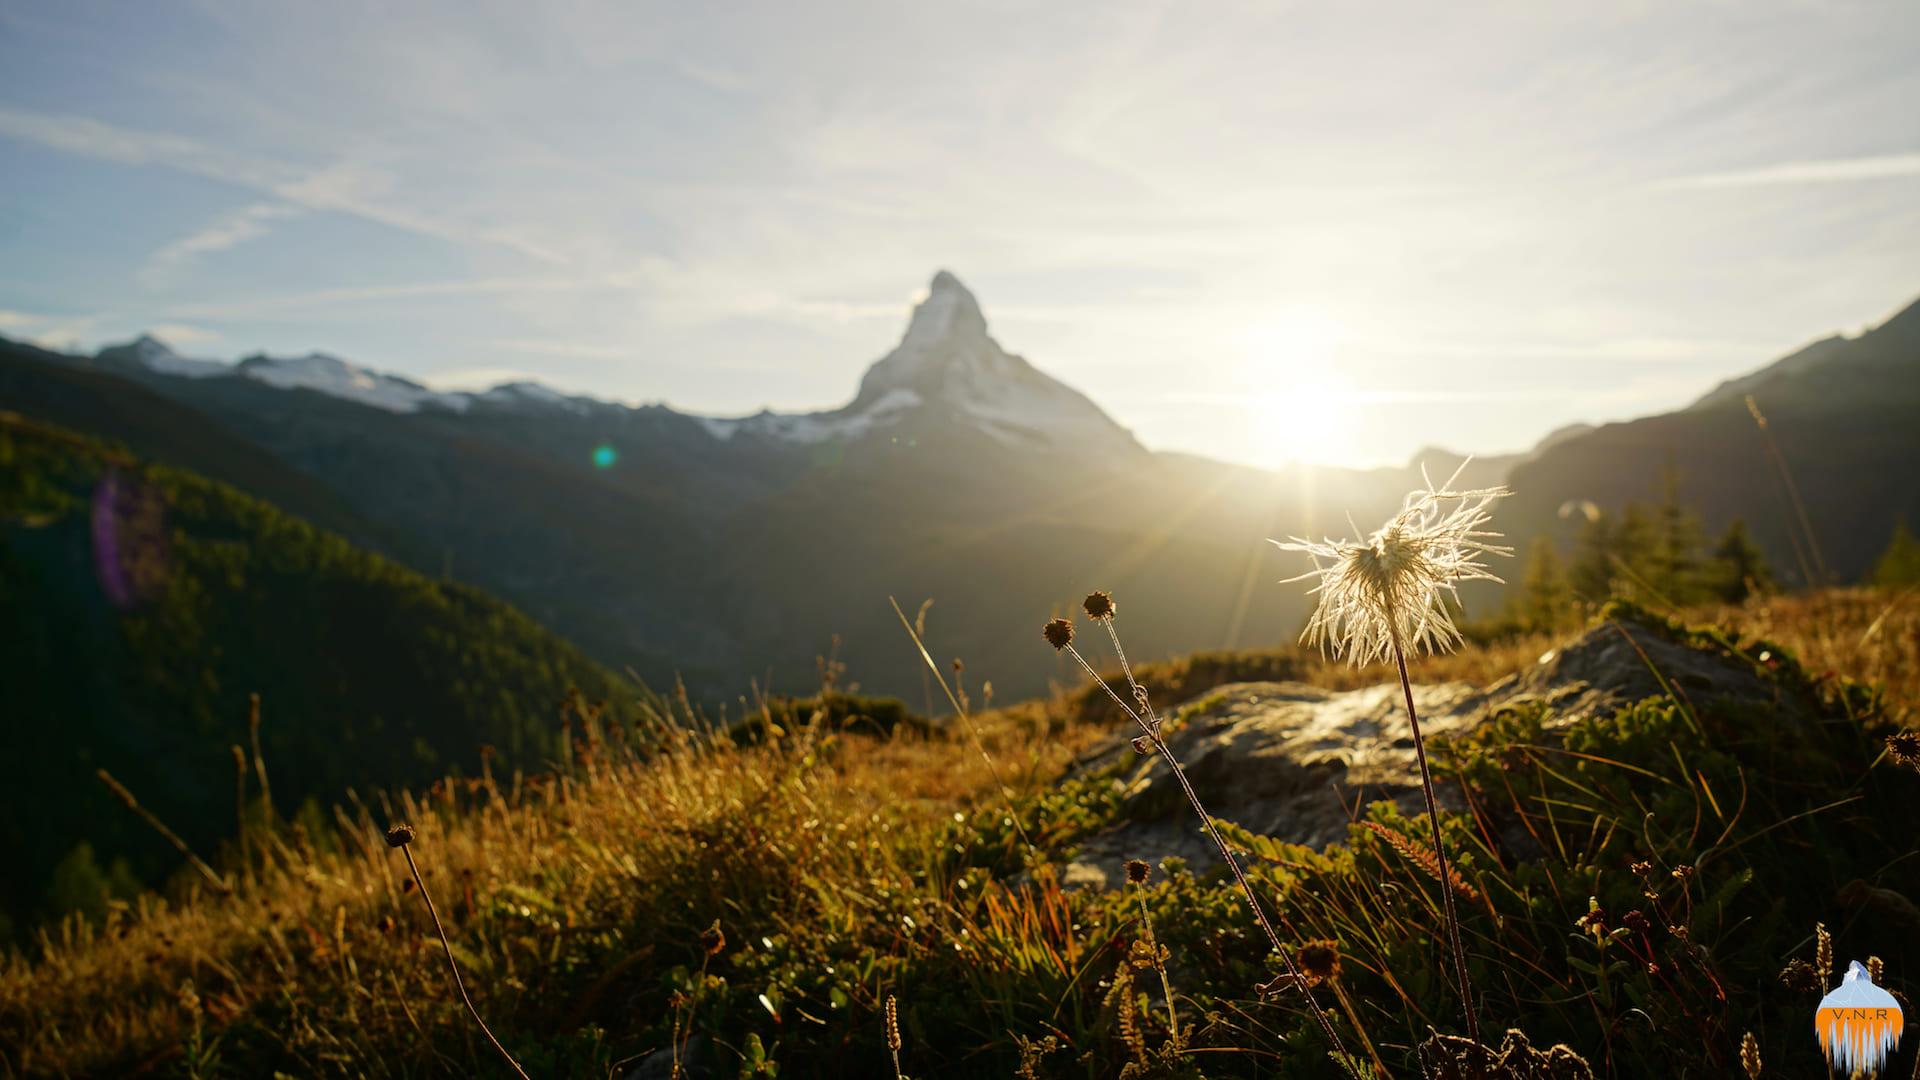 Matterhorn Flower